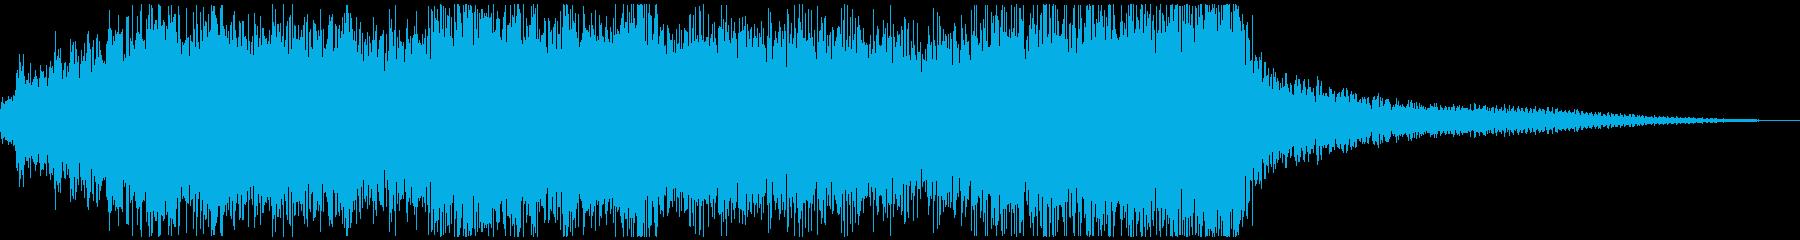 派手で煌びやかなキレのあるファンファーレの再生済みの波形